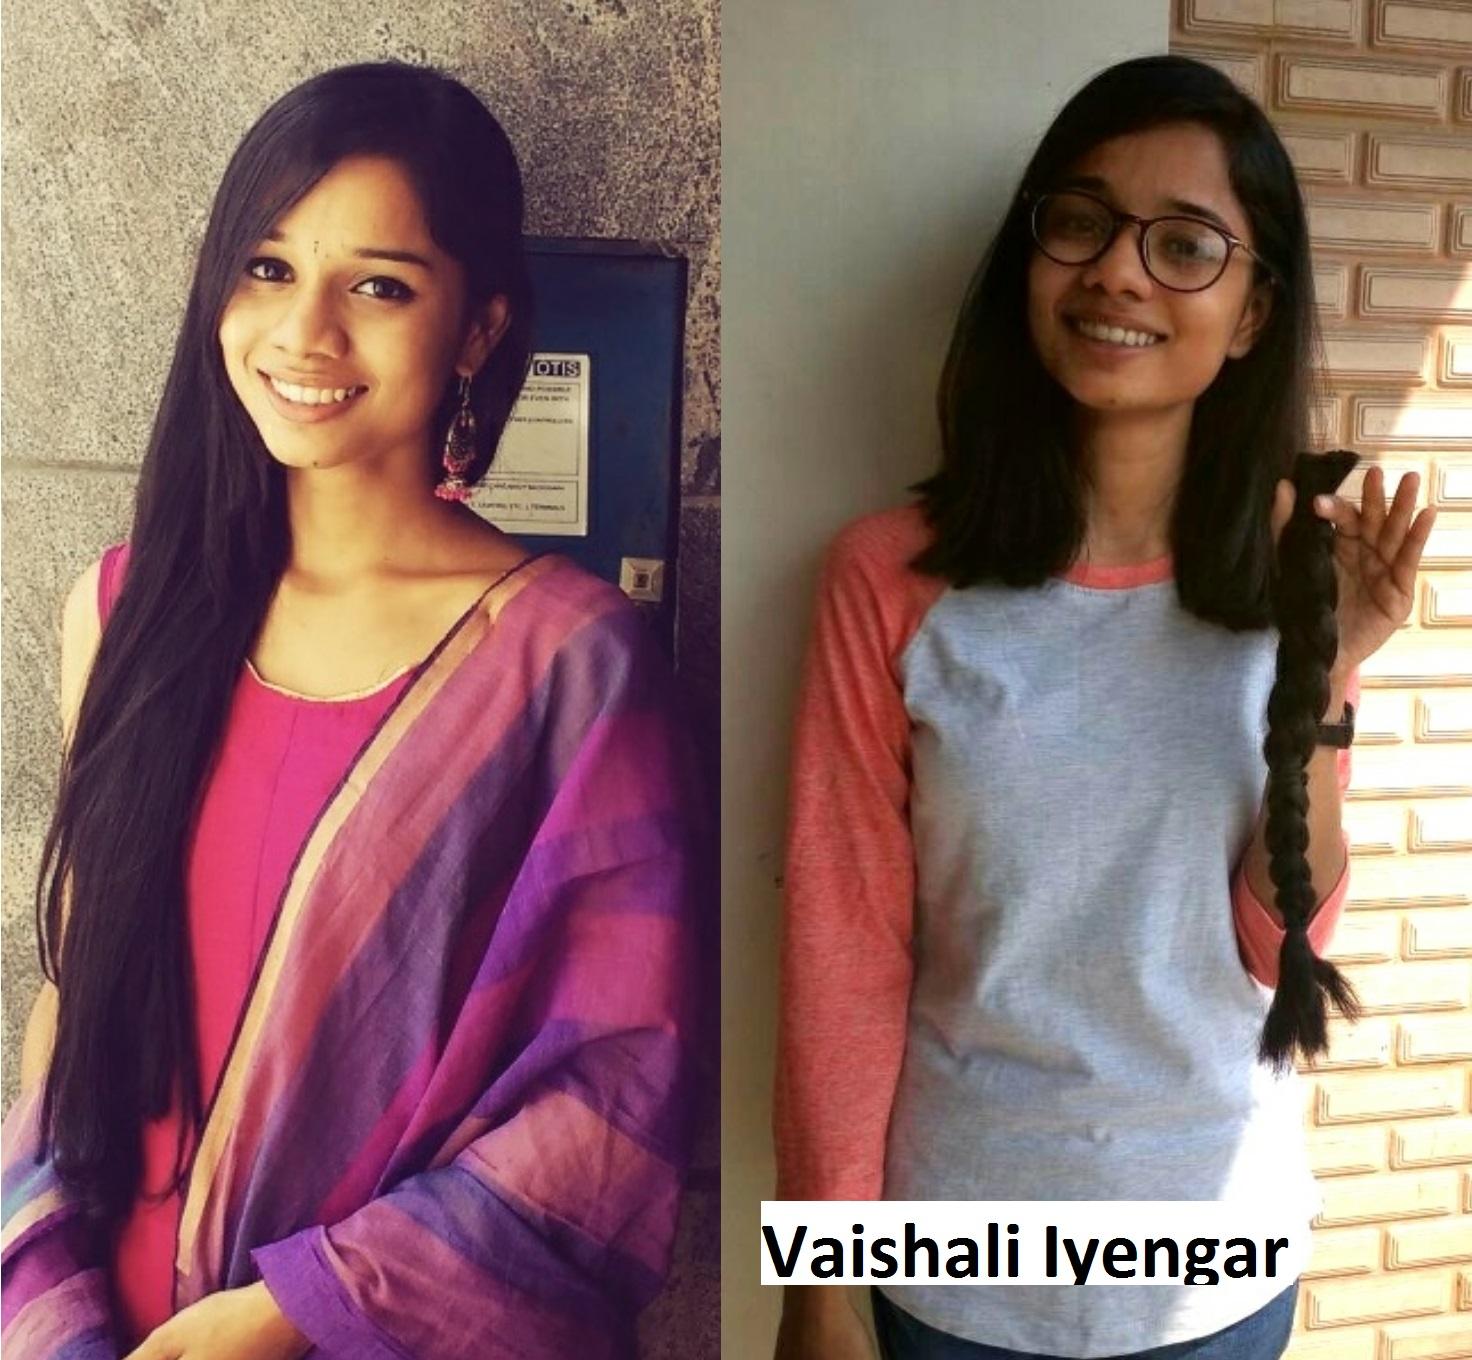 Vaishali Iyengar